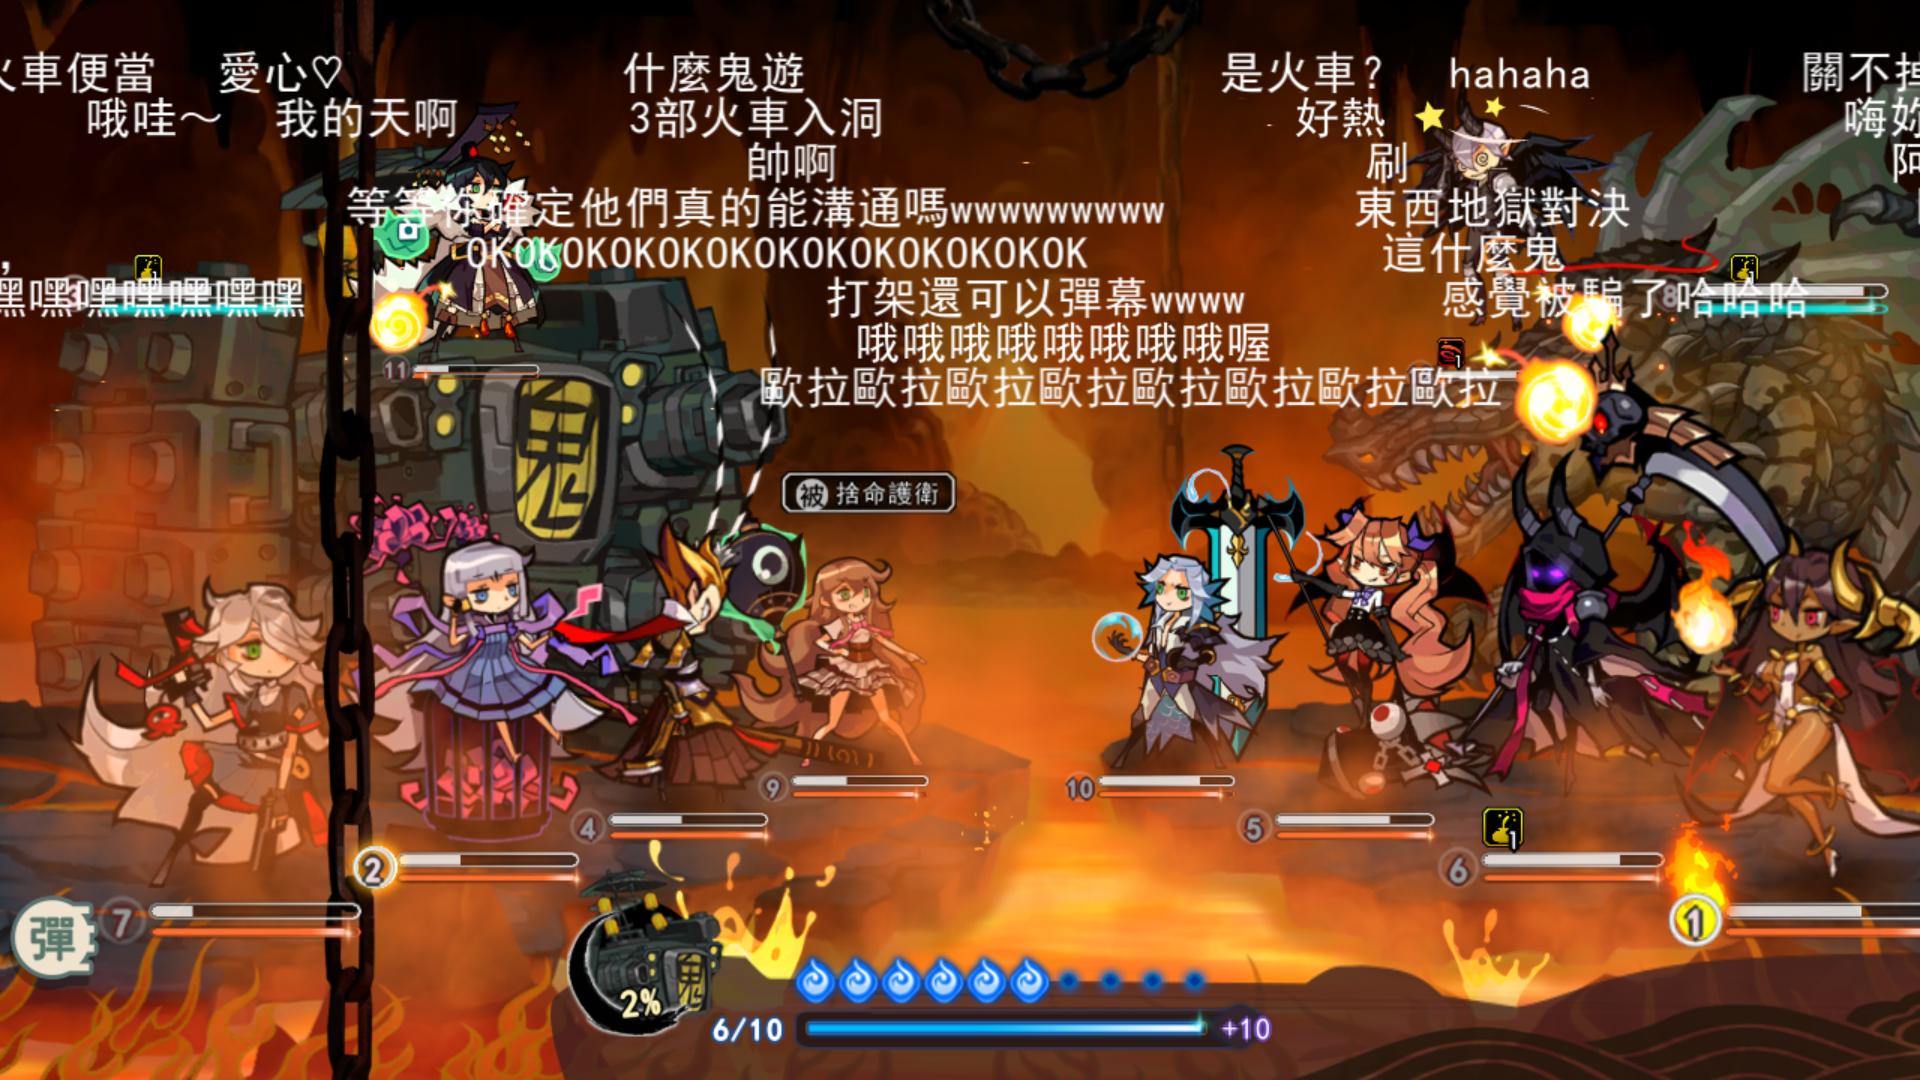 彈幕功能可看到玩家的搞笑吐槽 不喜歡也能關閉